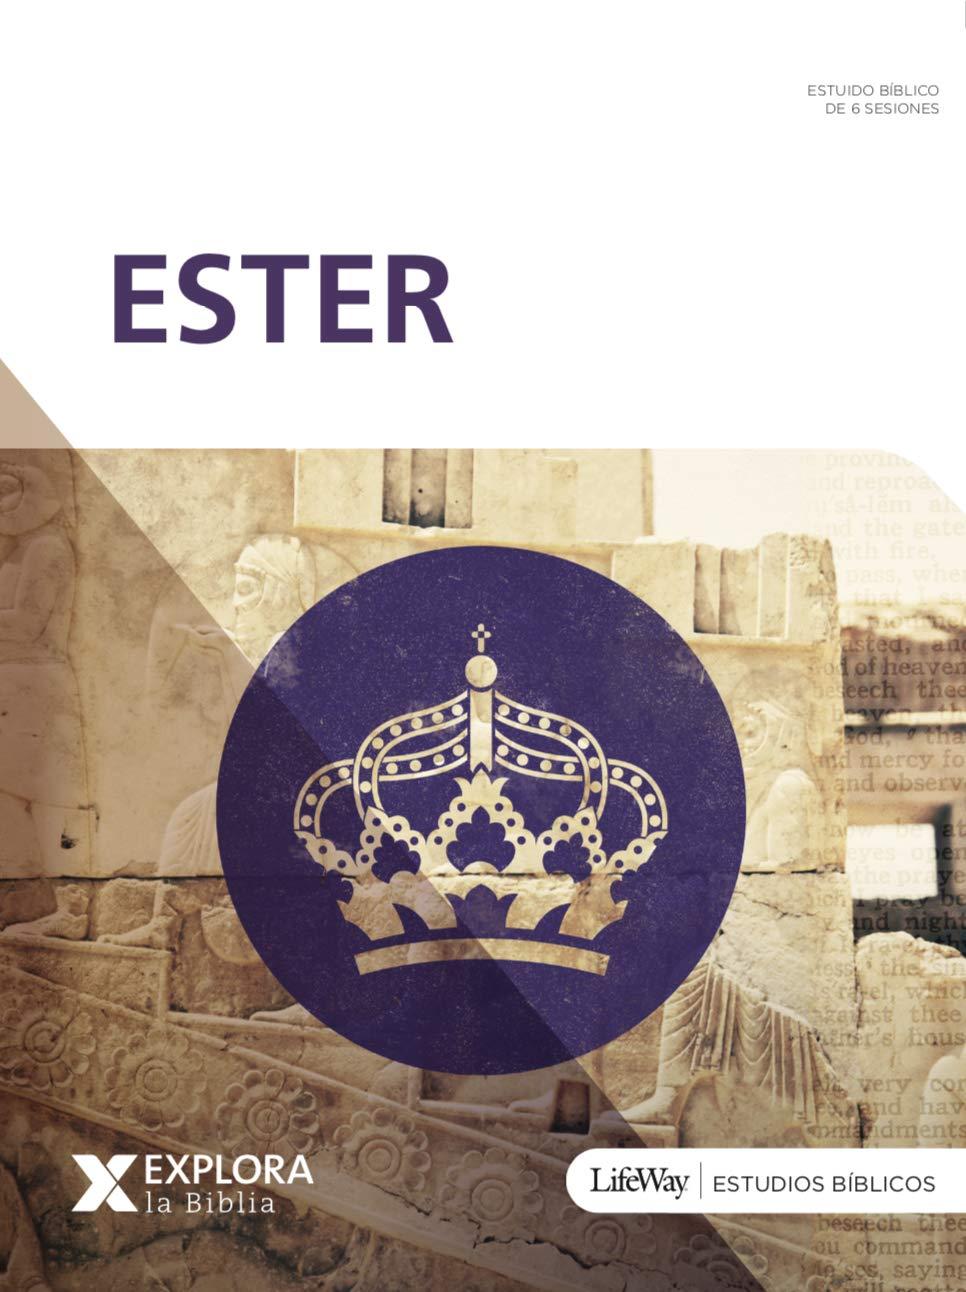 Explora la Biblia Esther